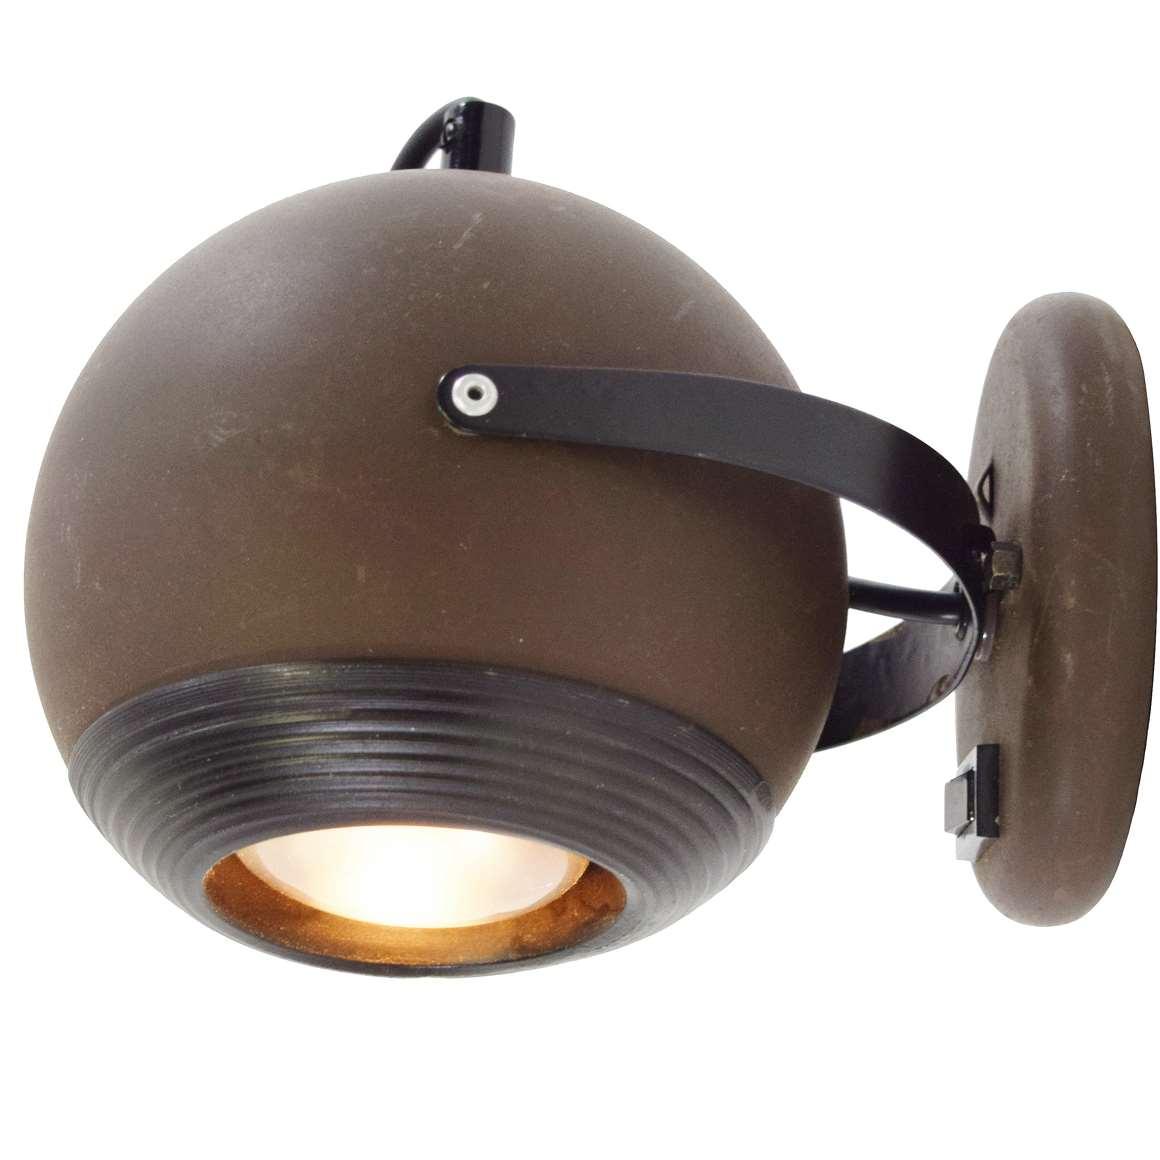 EH Leuchten Eyeball Wall Lamp